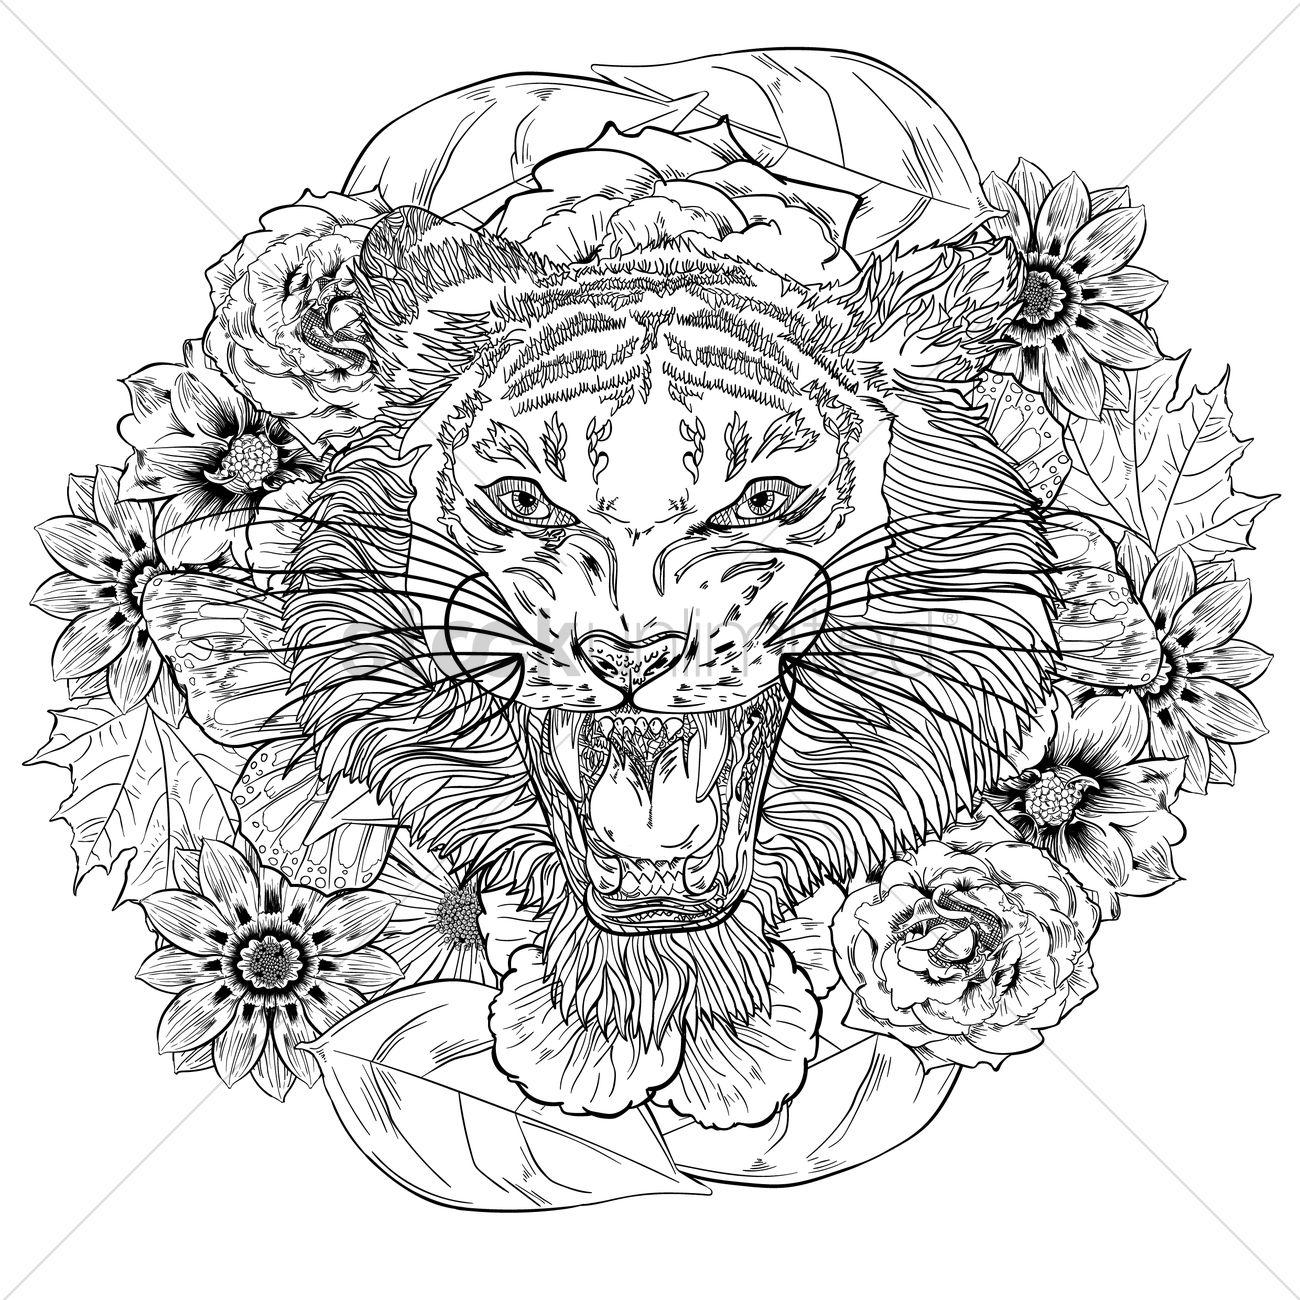 Volwassen Kleurplaten Tijger Intricate Tiger Design Vector Image 1994269 Stockunlimited